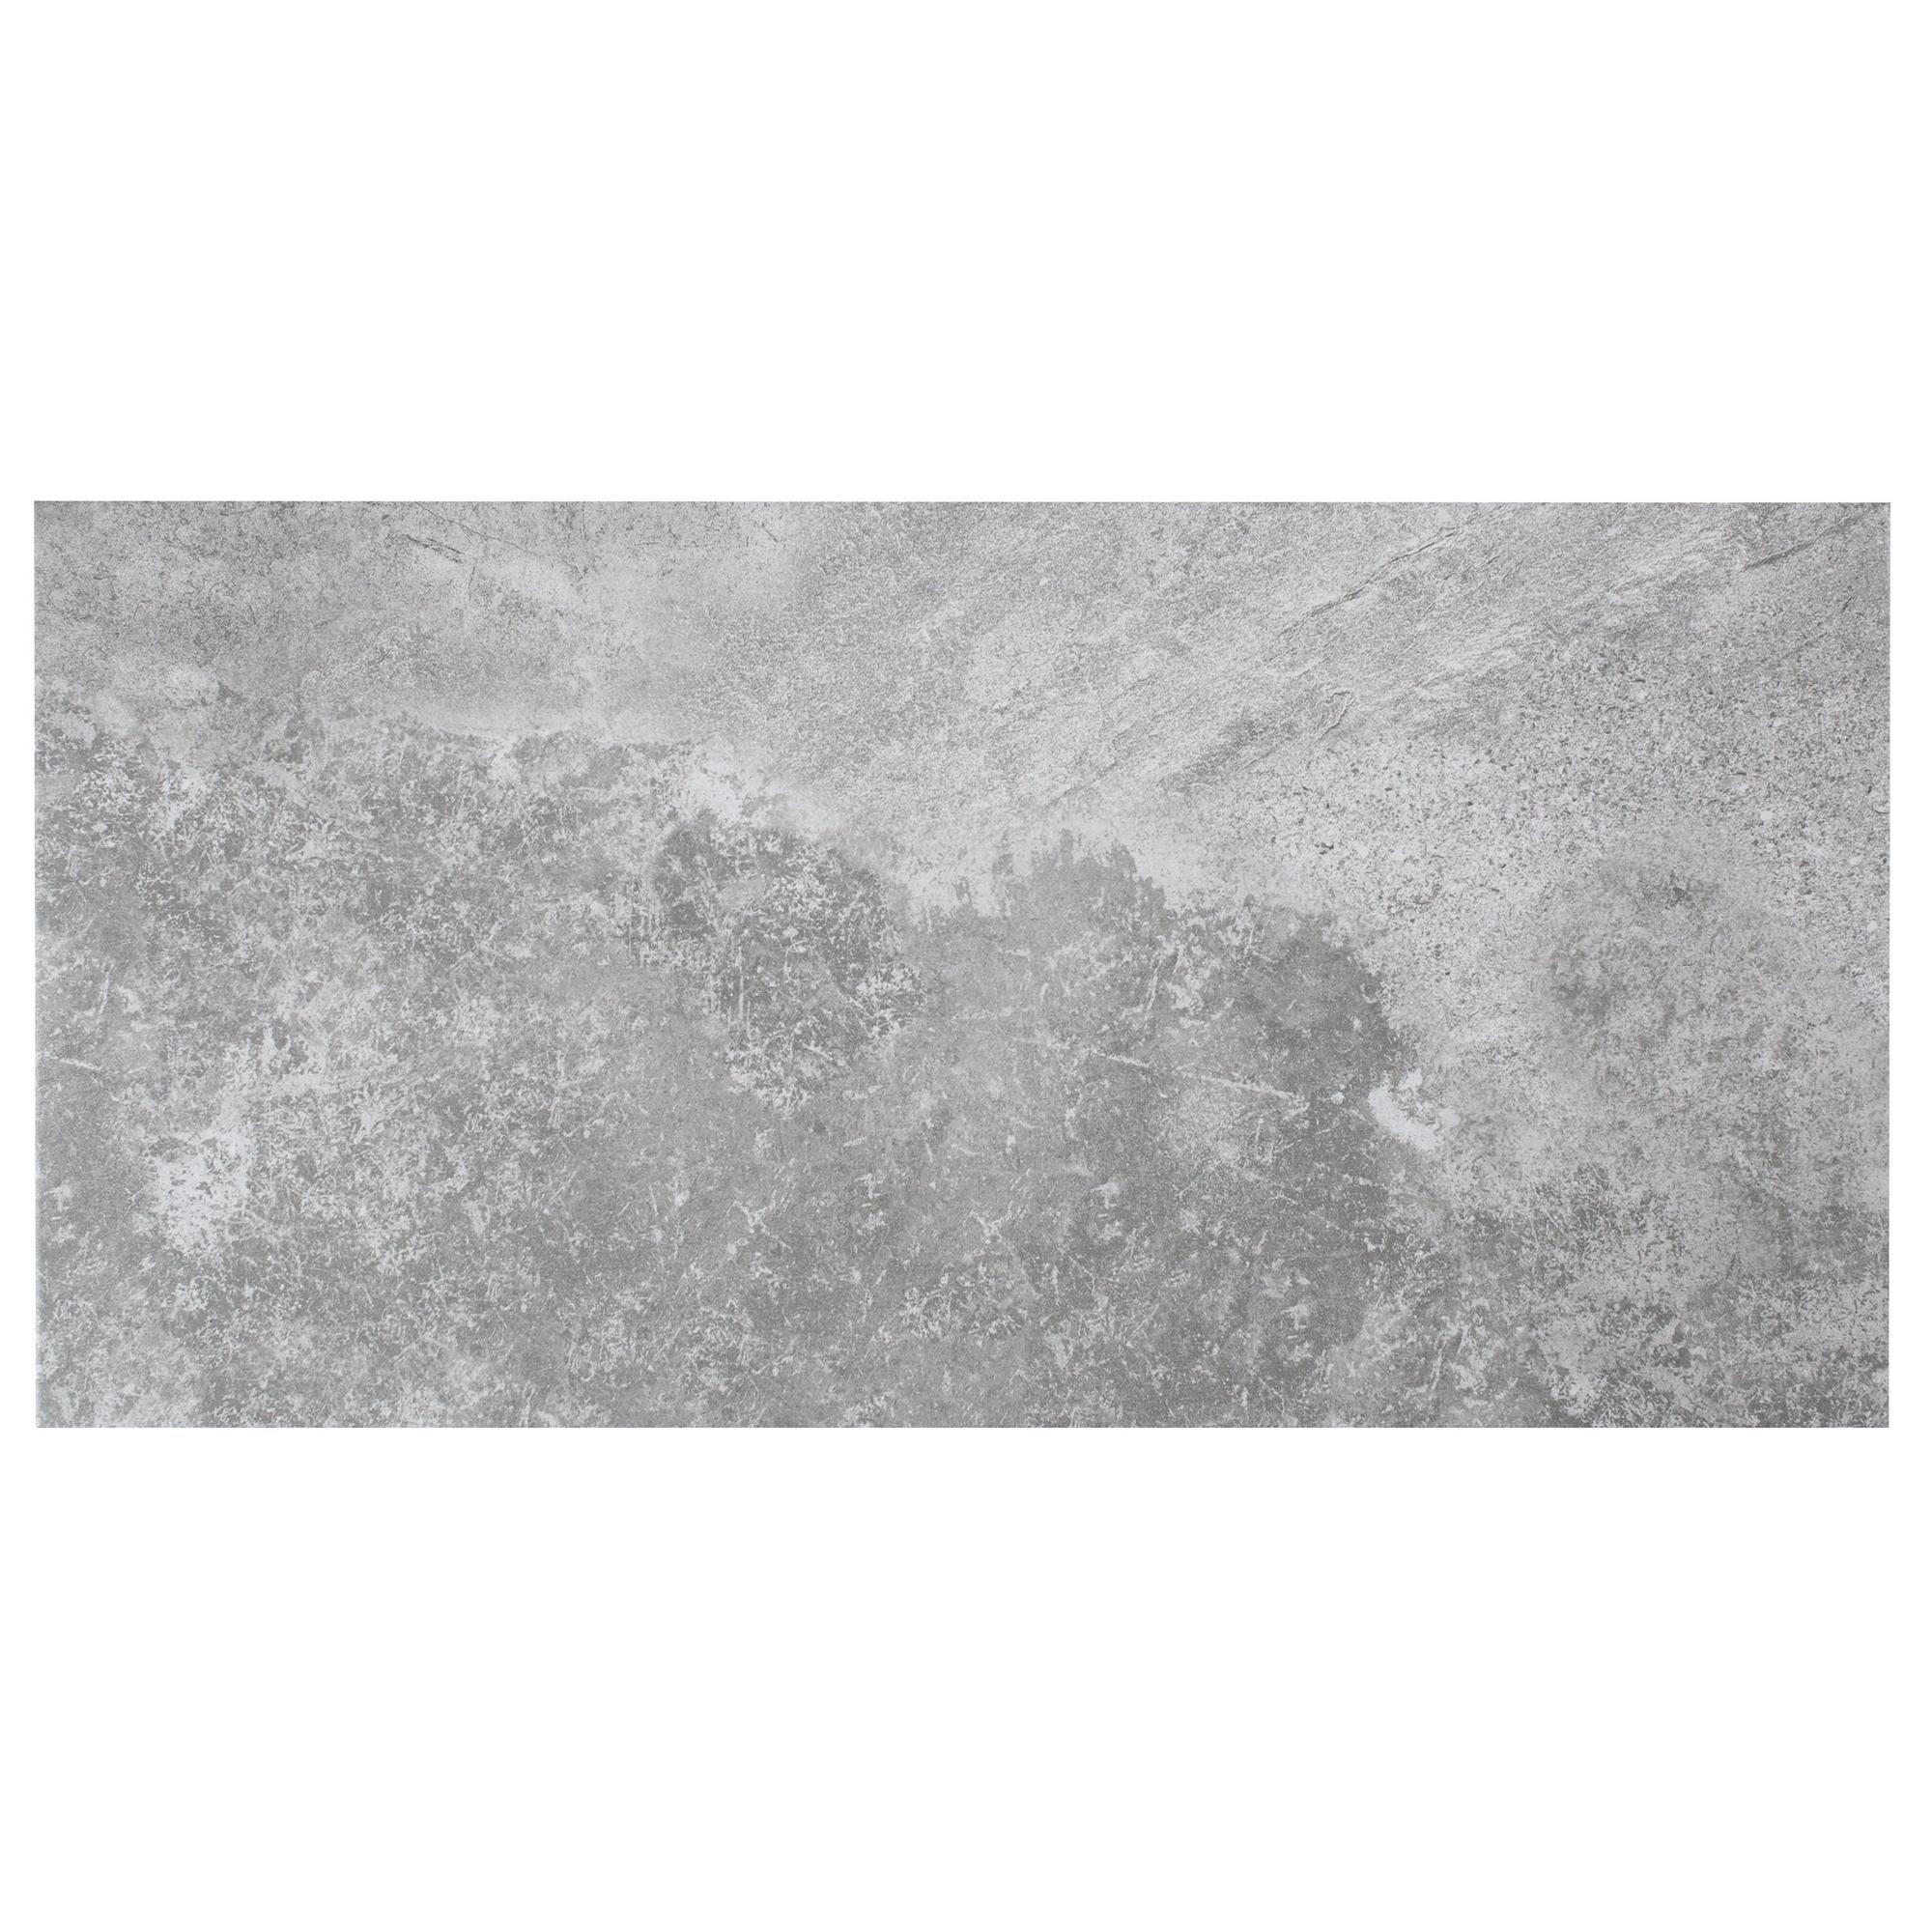 Rapallo Gray Porcelain Tile Tile Bathroom Floor Decor Gray Porcelain Tile Stone Look Tile Tile Bathroom